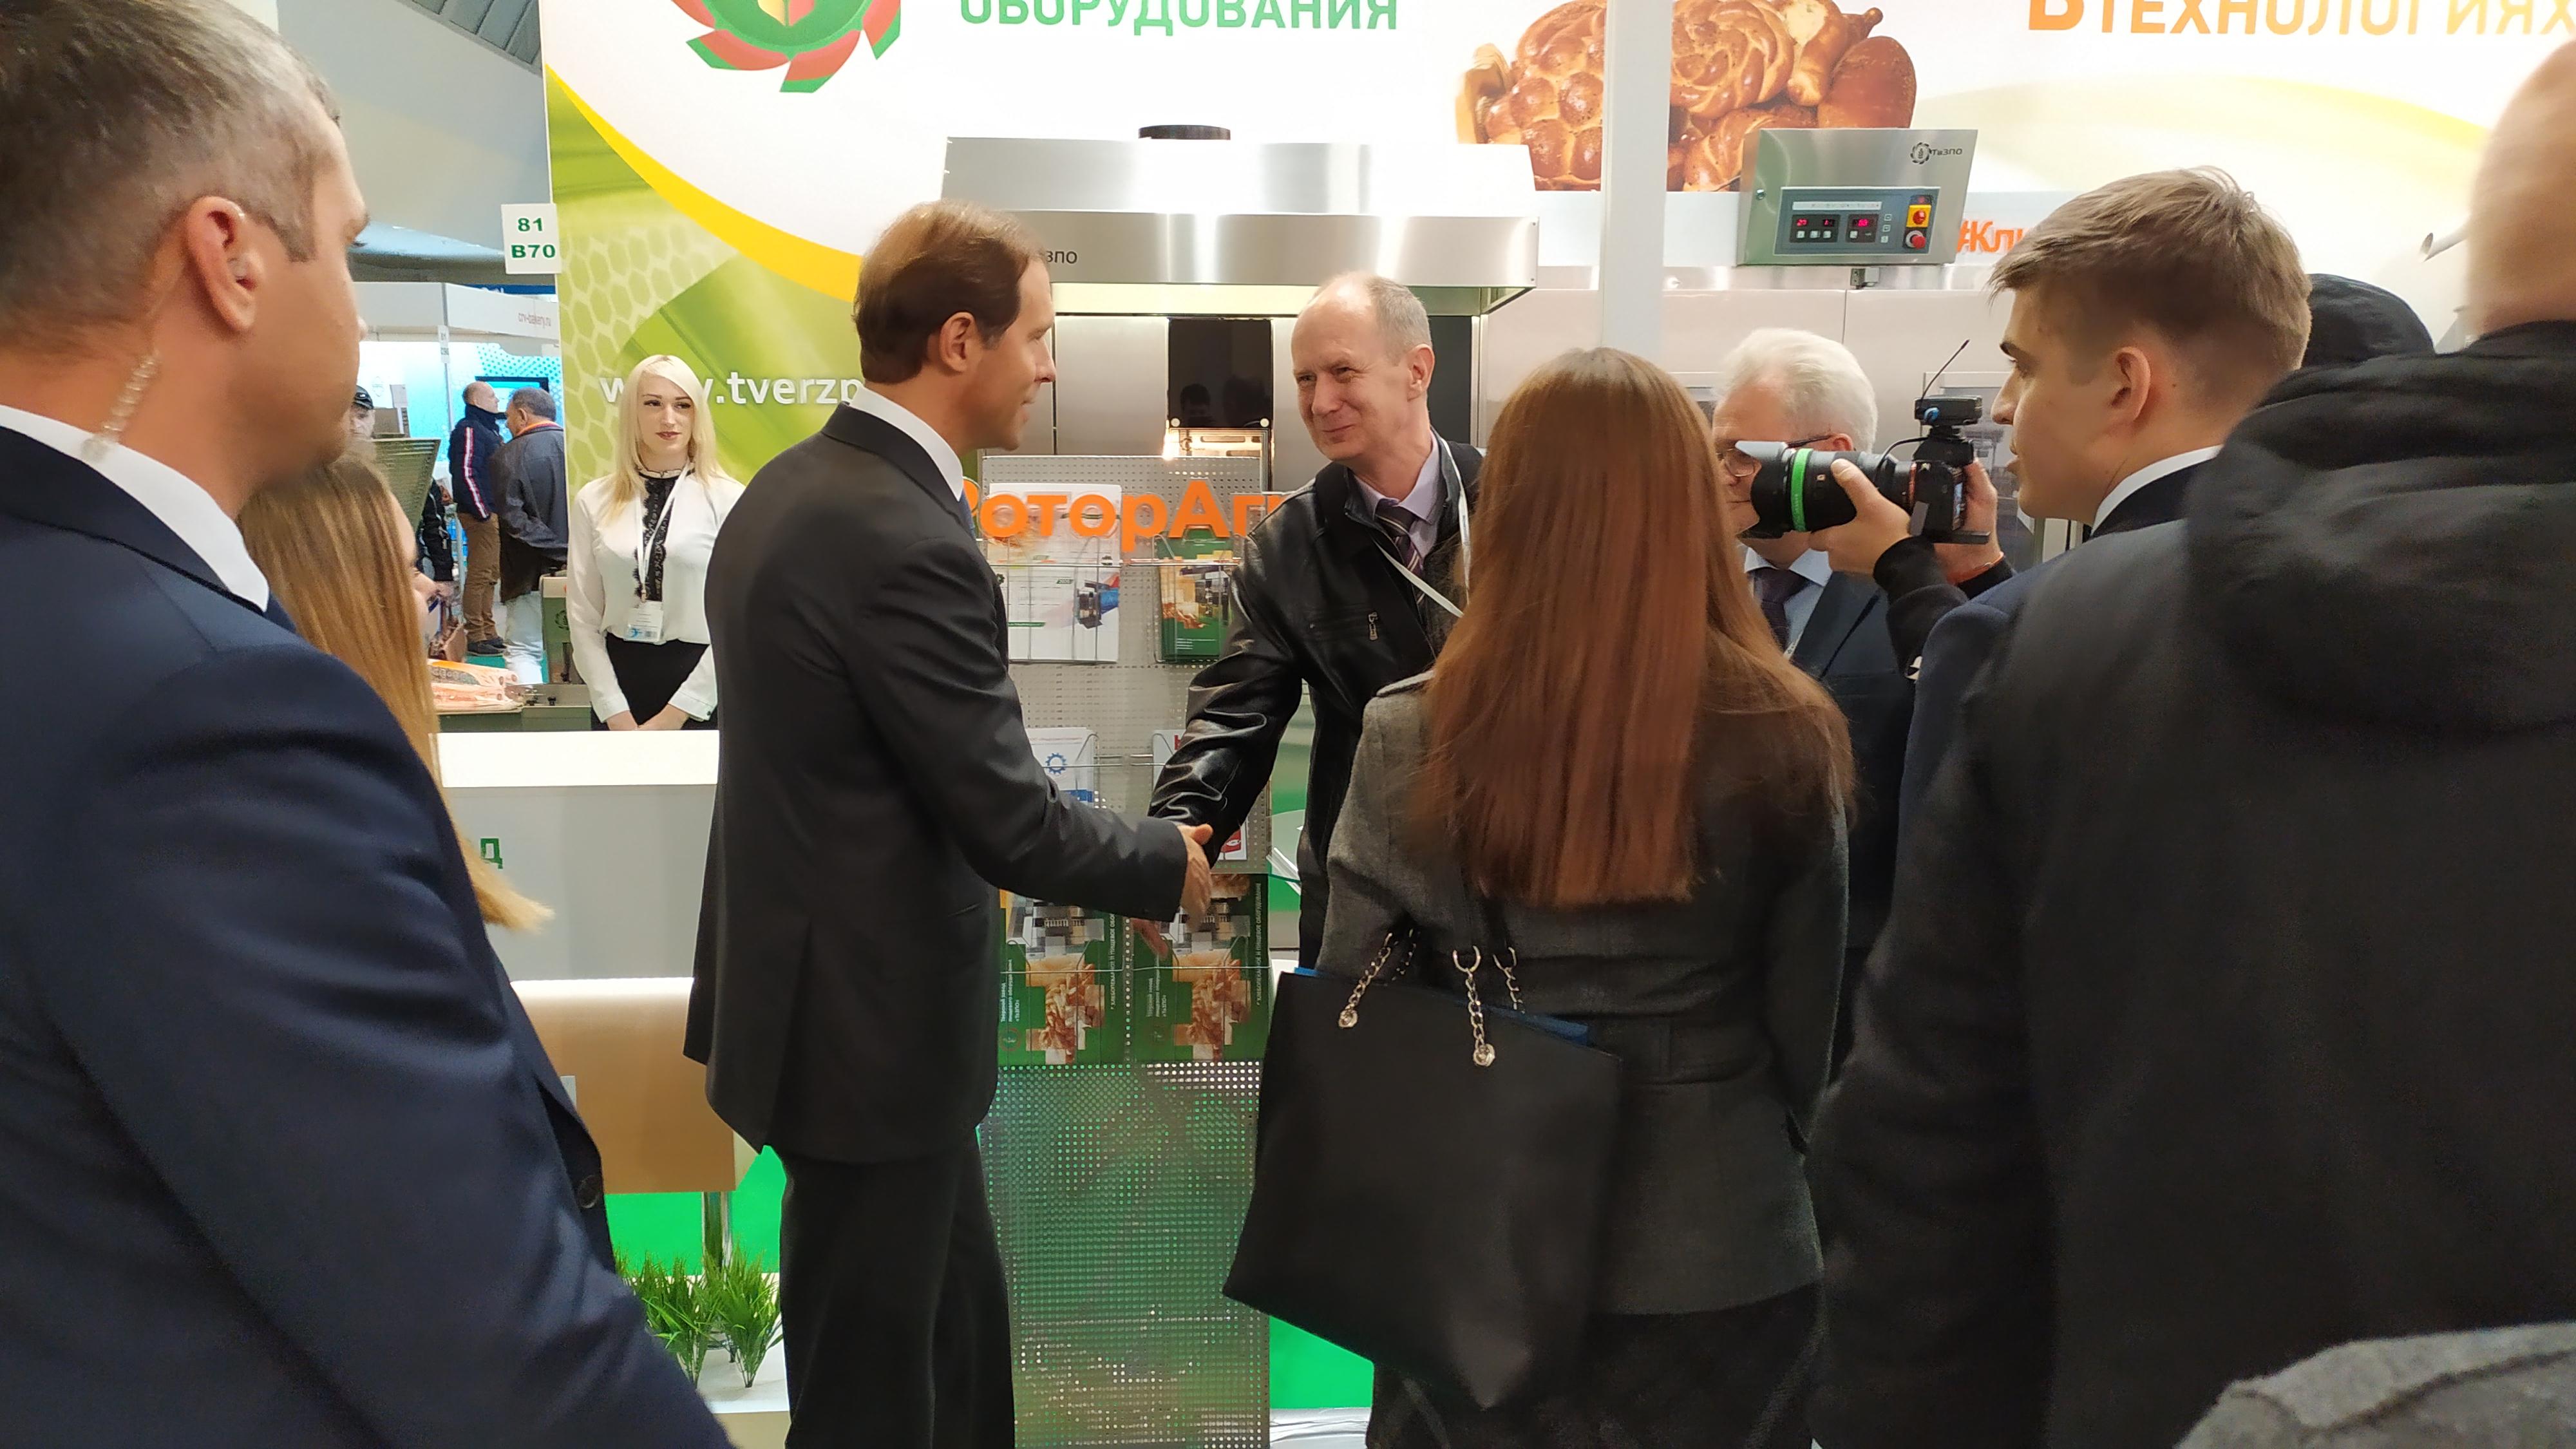 Высокое качество тверской продукции отметил Министр промышленности и торговли РФ Денис Мантуров на выставке «Агропродмаш-2019»